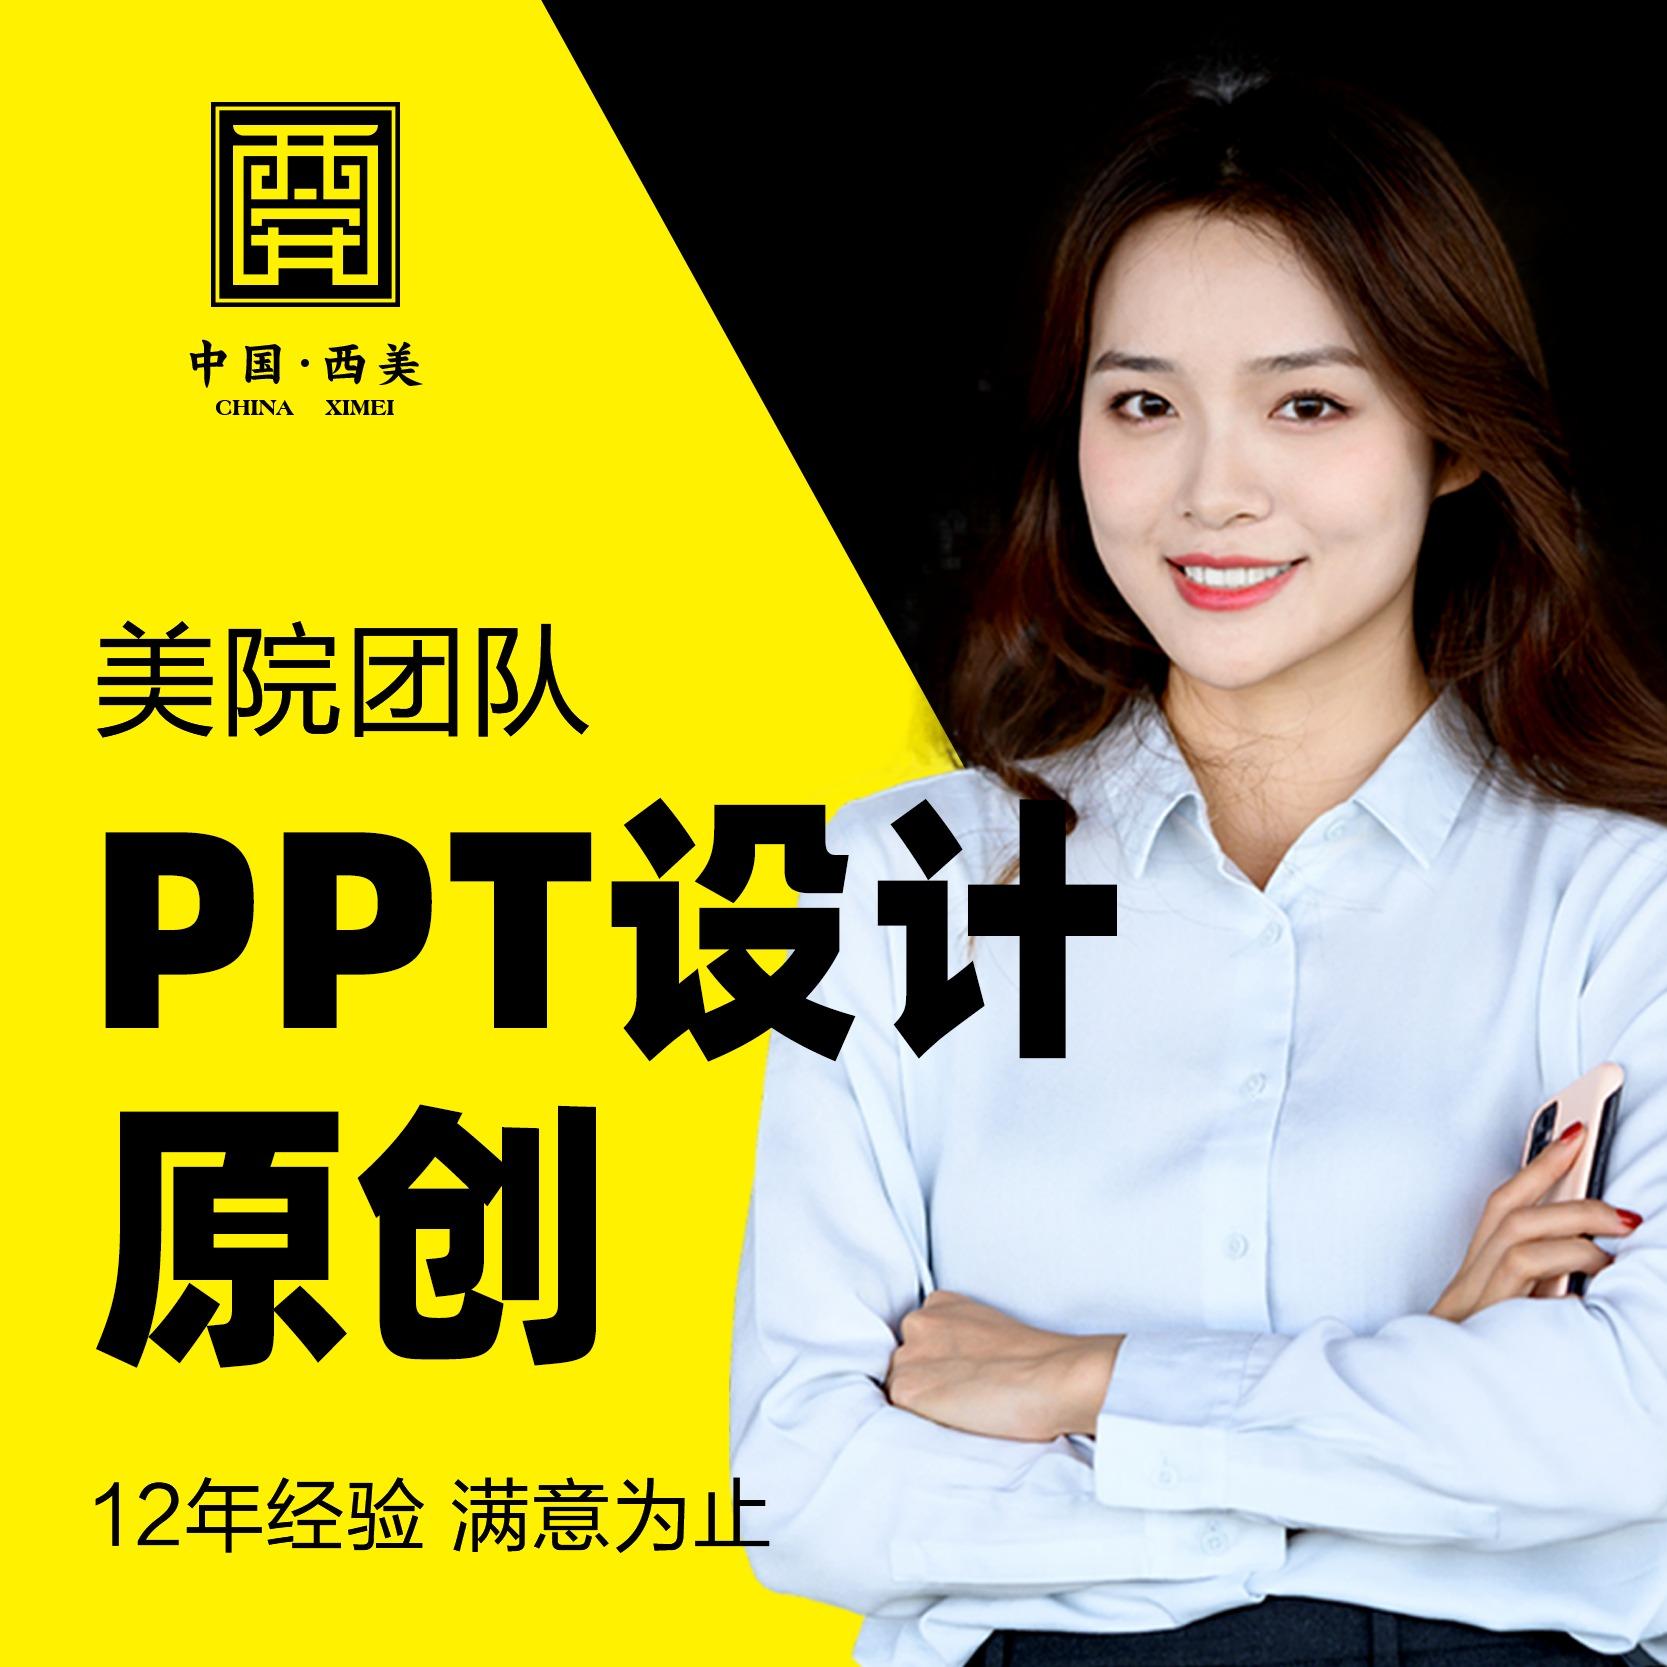 [医美行业]PPT设计ppt制作演示汇报路演招商课件PPT简